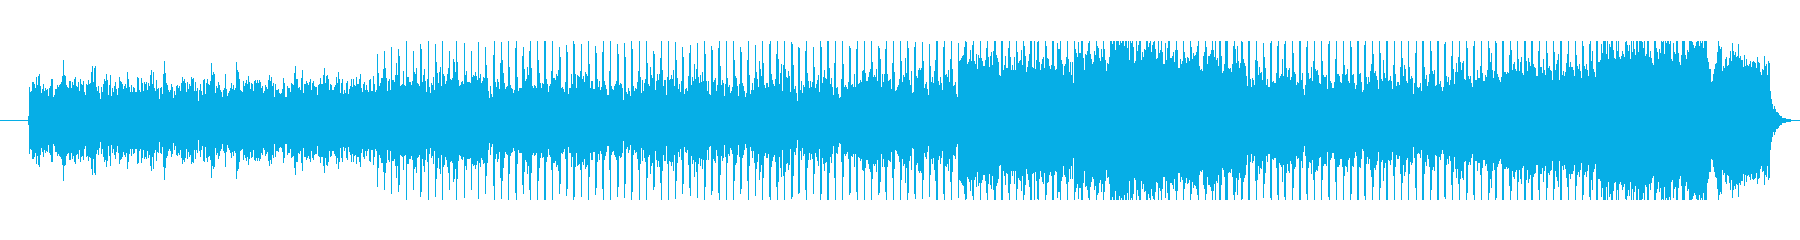 響きが力強くて幻想的なメロディーの再生済みの波形